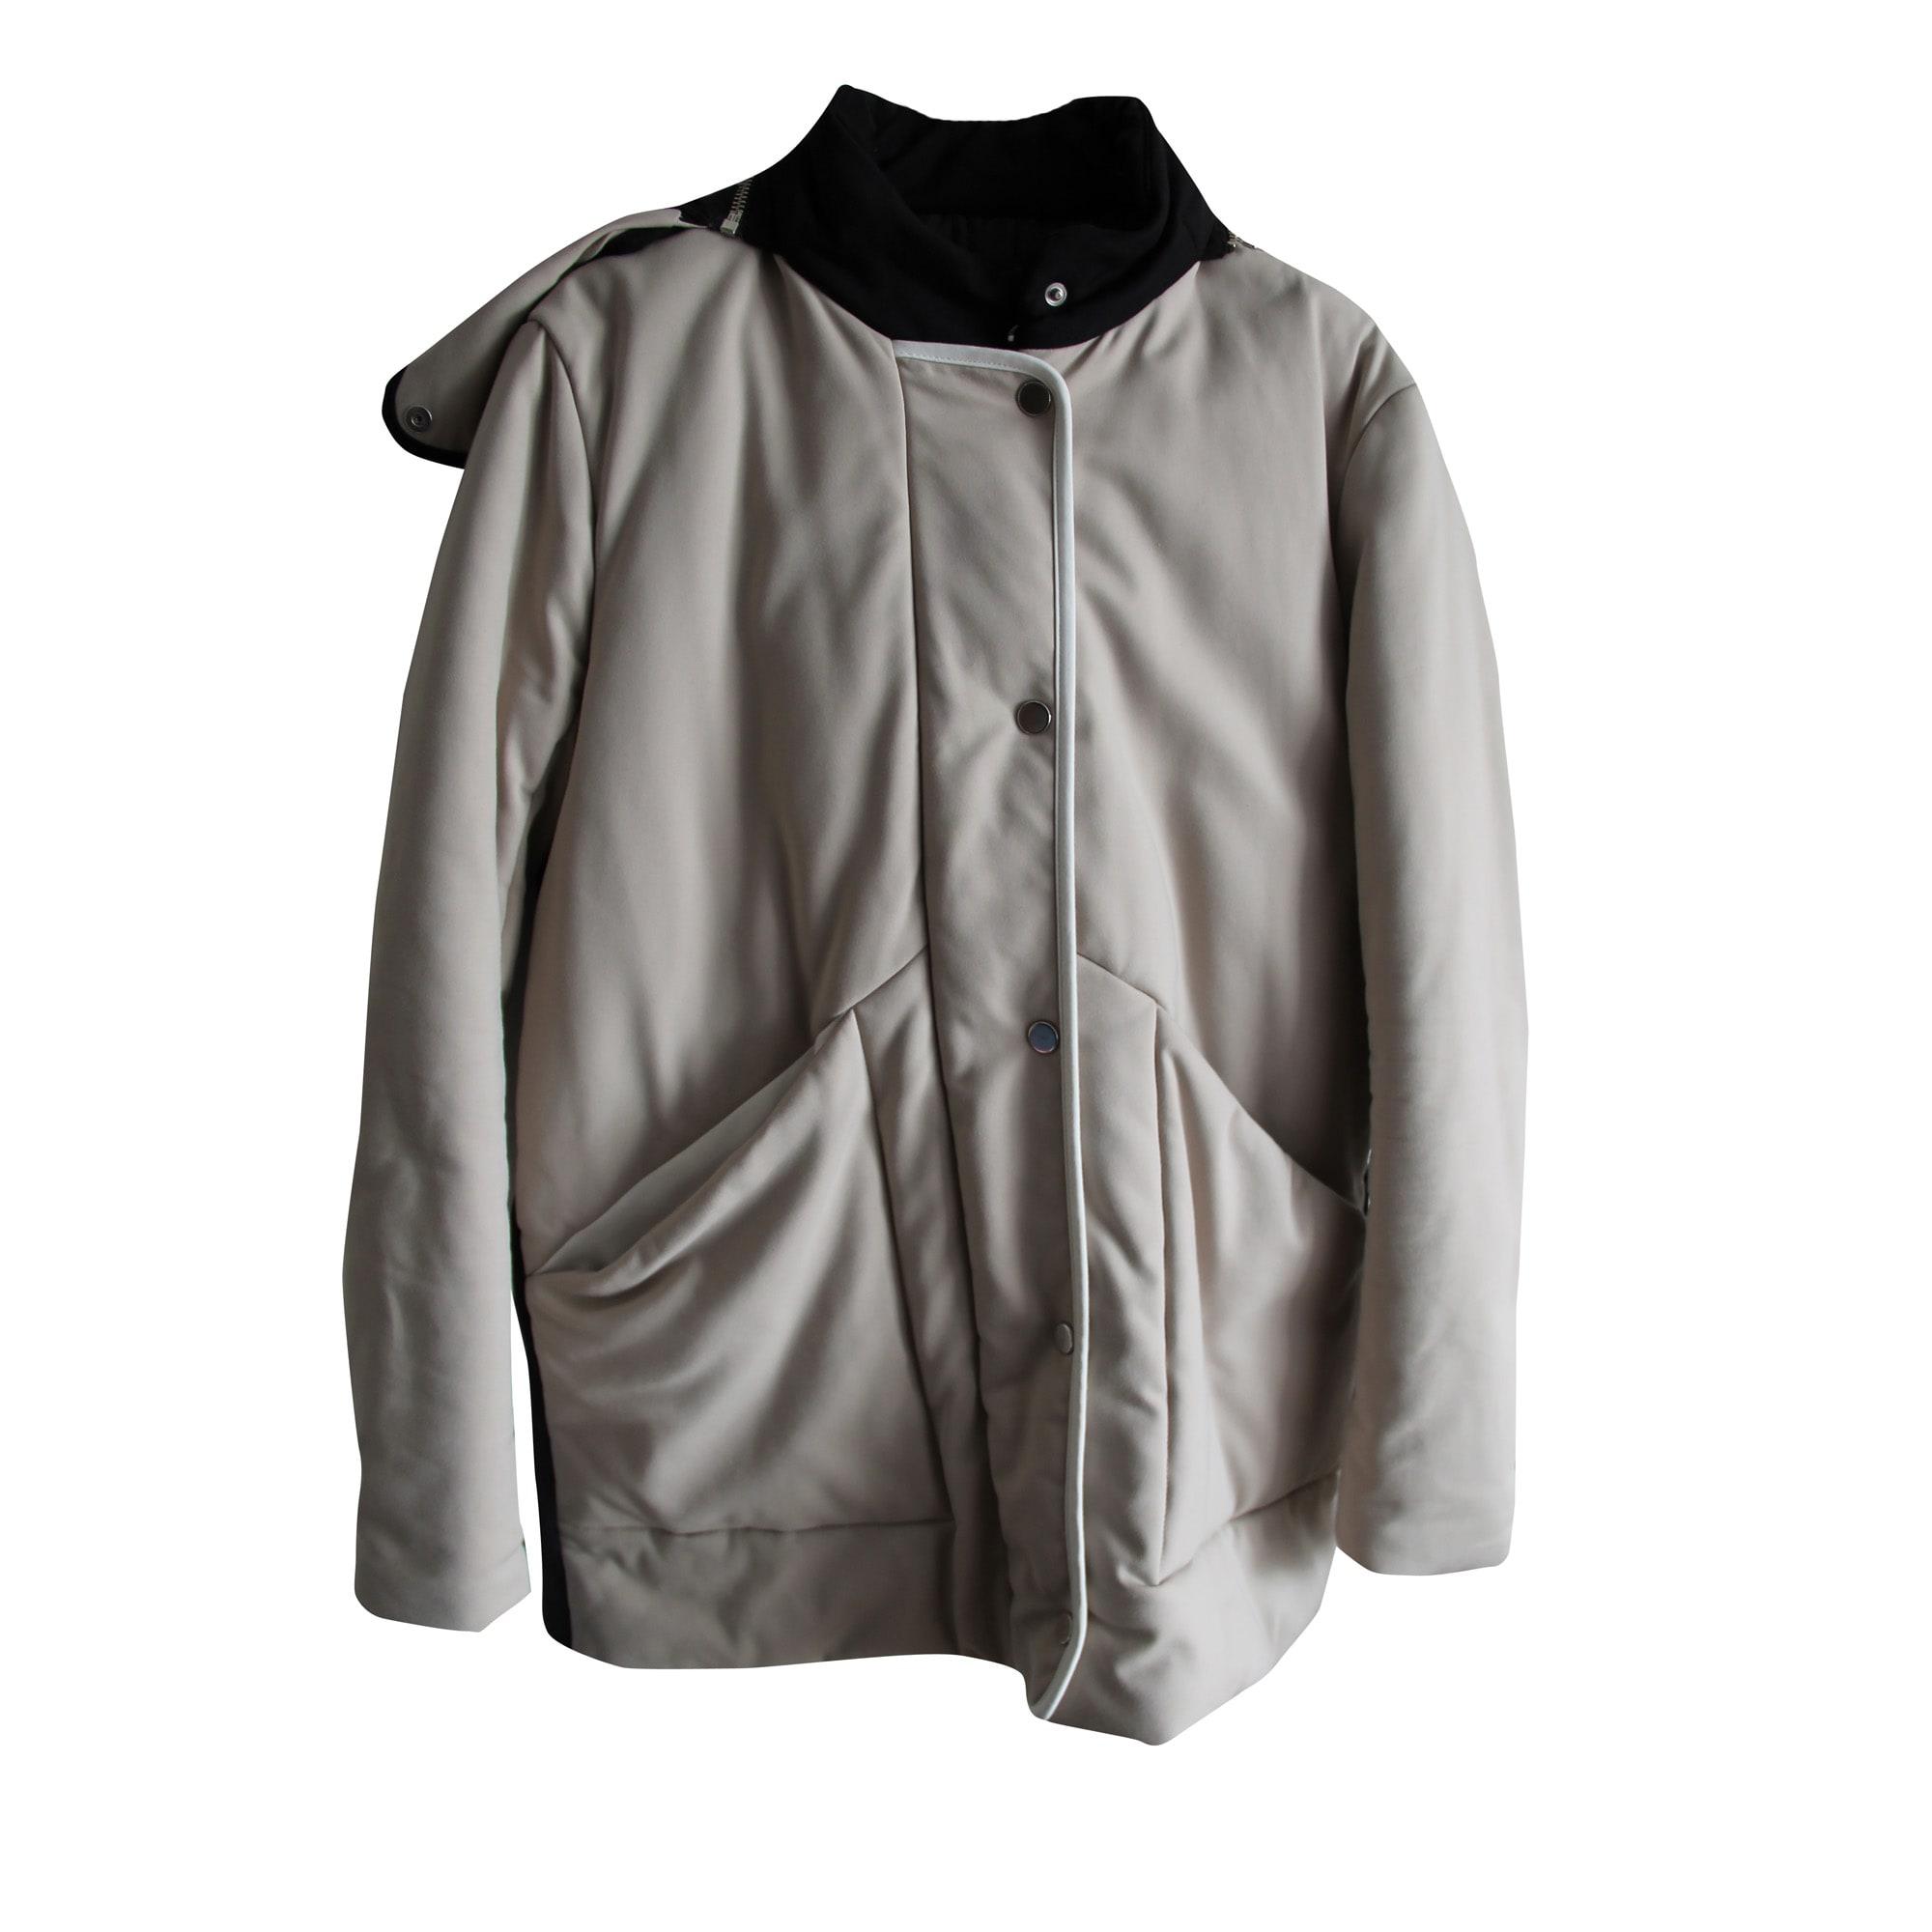 Maje Manteau coton 38 (M, T2)